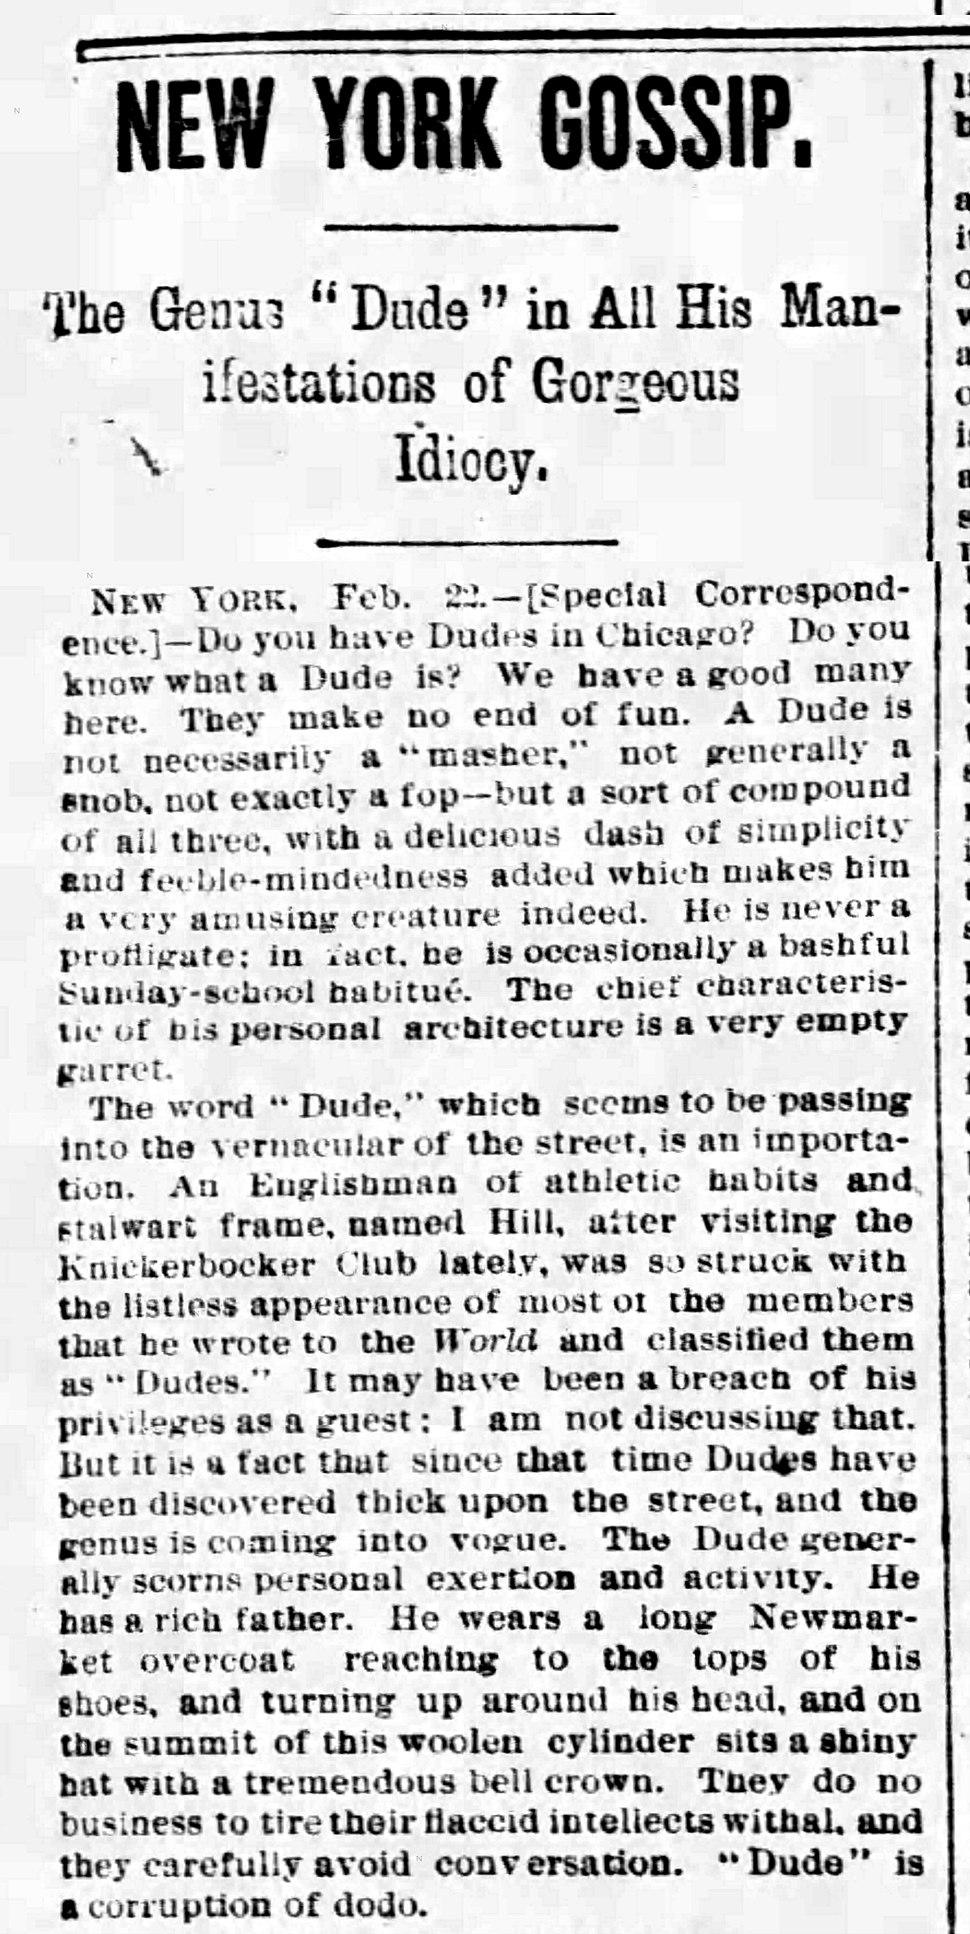 1883 - origin of dude - Chicago Tribune - 25 Feb 1883